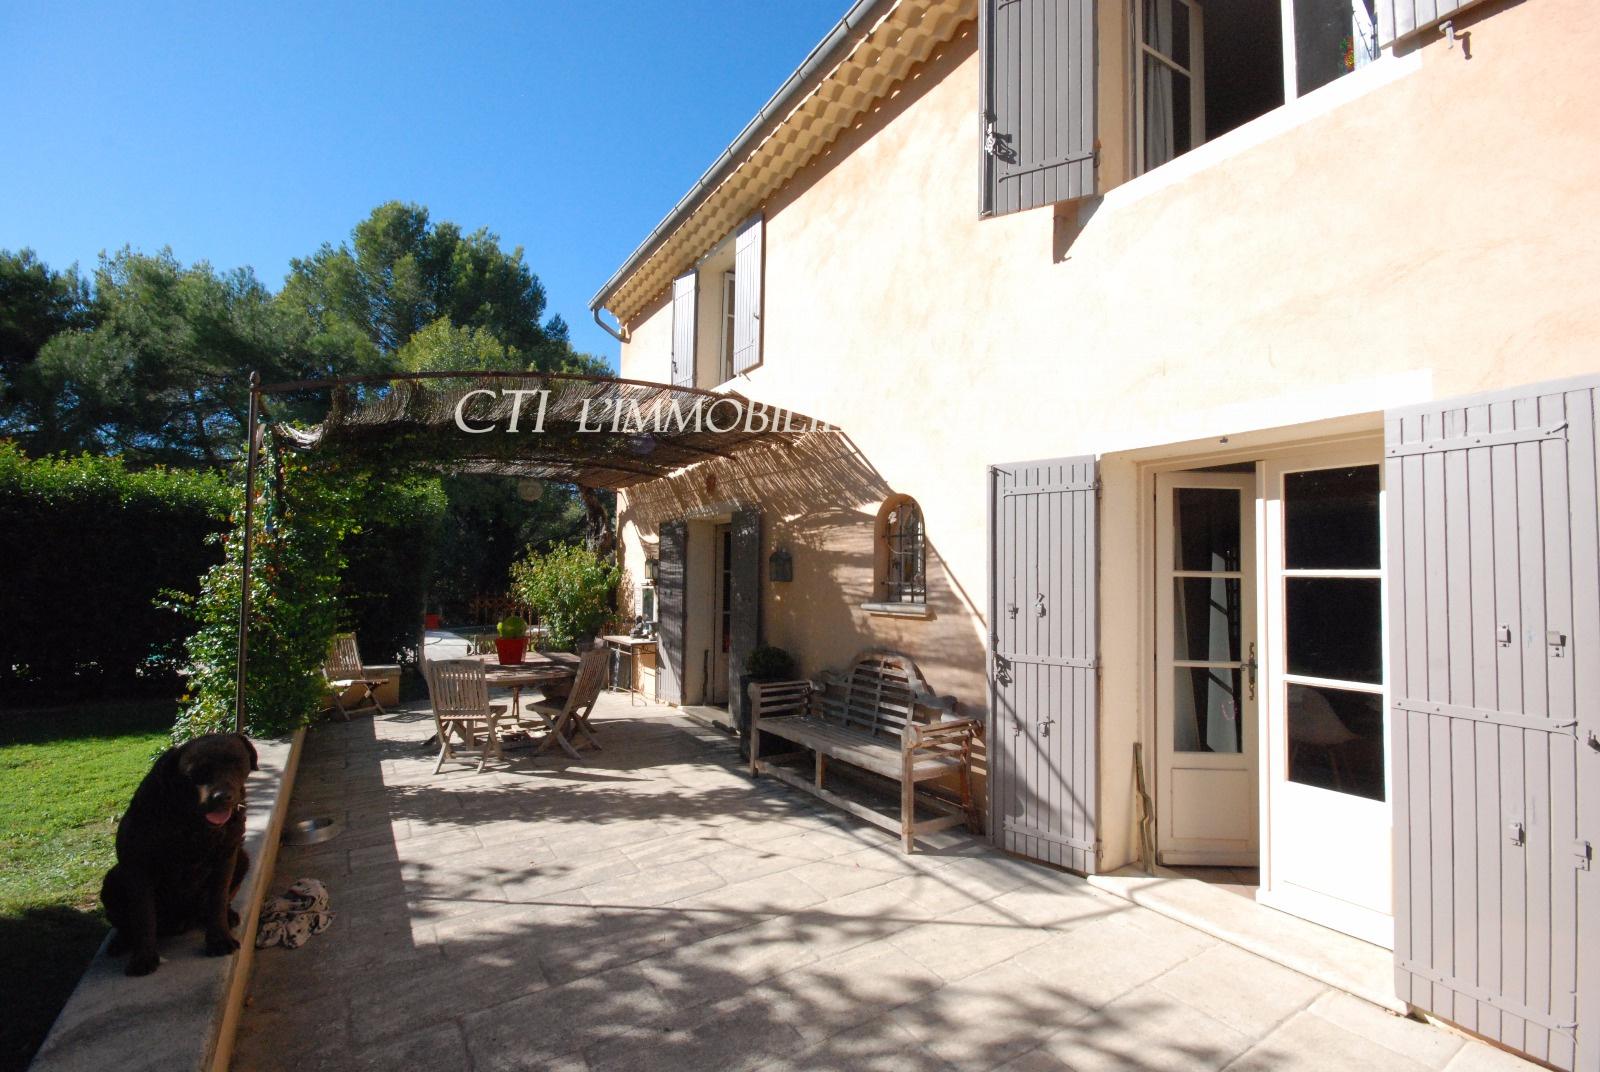 0 www.cti-provence.net, vente bastide provençale, excellent confort, piscine, terrain